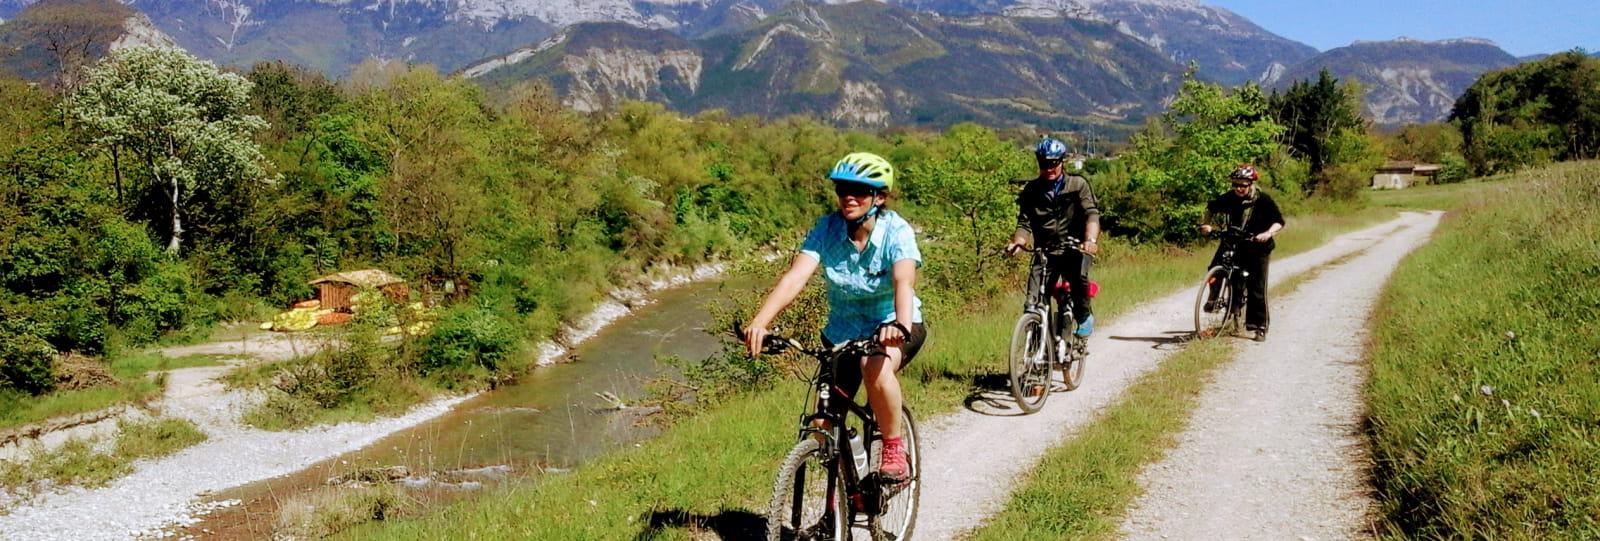 Balade guidée à vélo électrique - Vignoble et plantes aromatiques avec BEcyclette